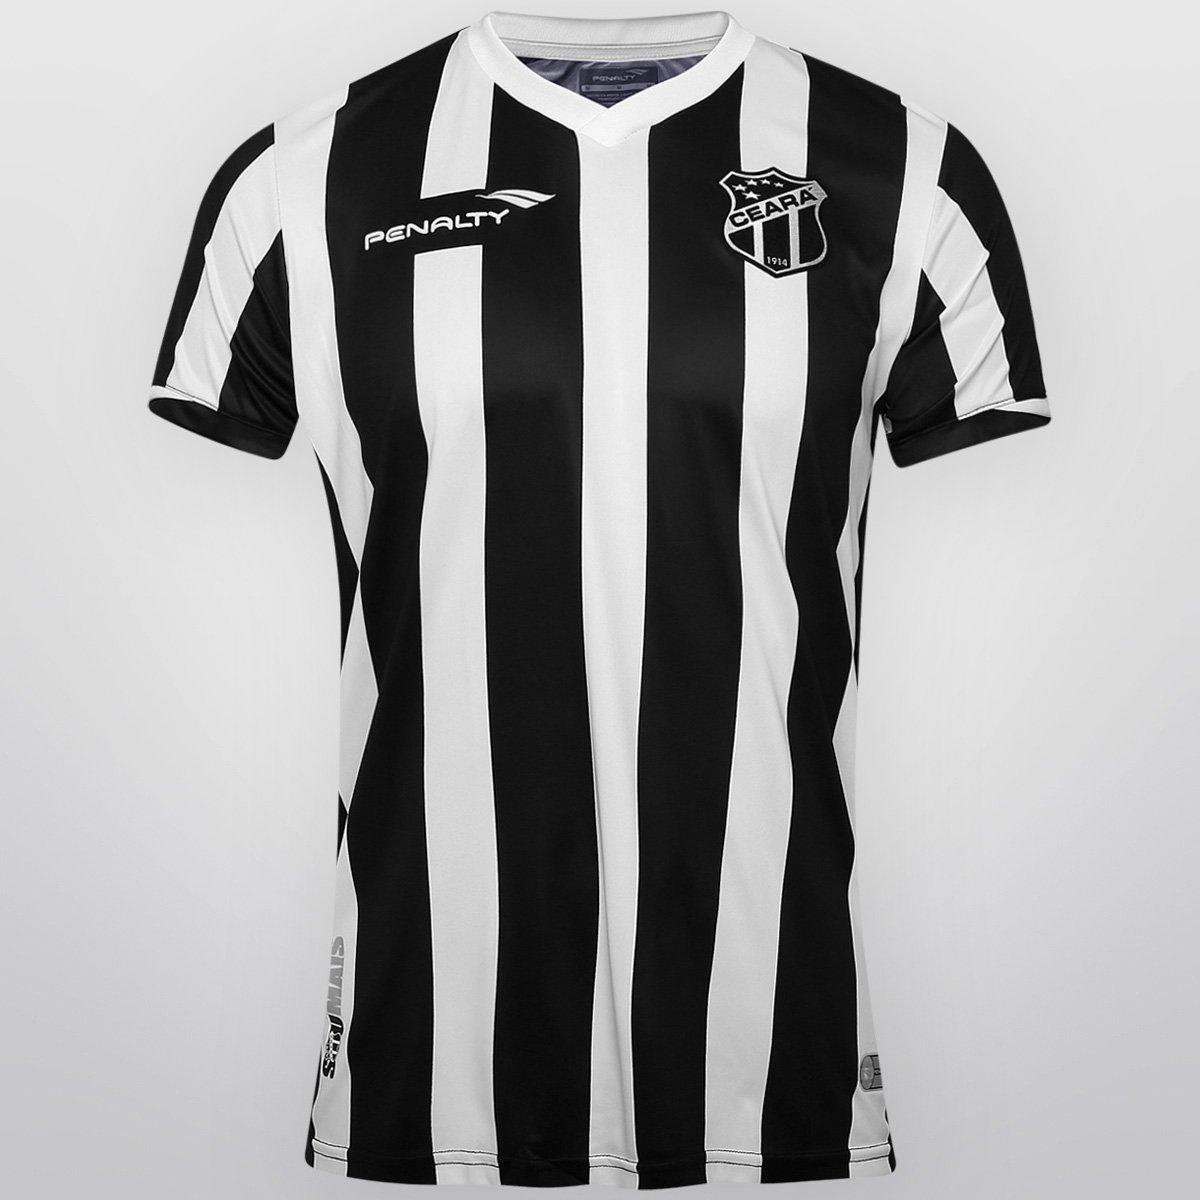 b2d59dd30b Camisa Penalty Ceará I 2015 nº 10 - Compre Agora